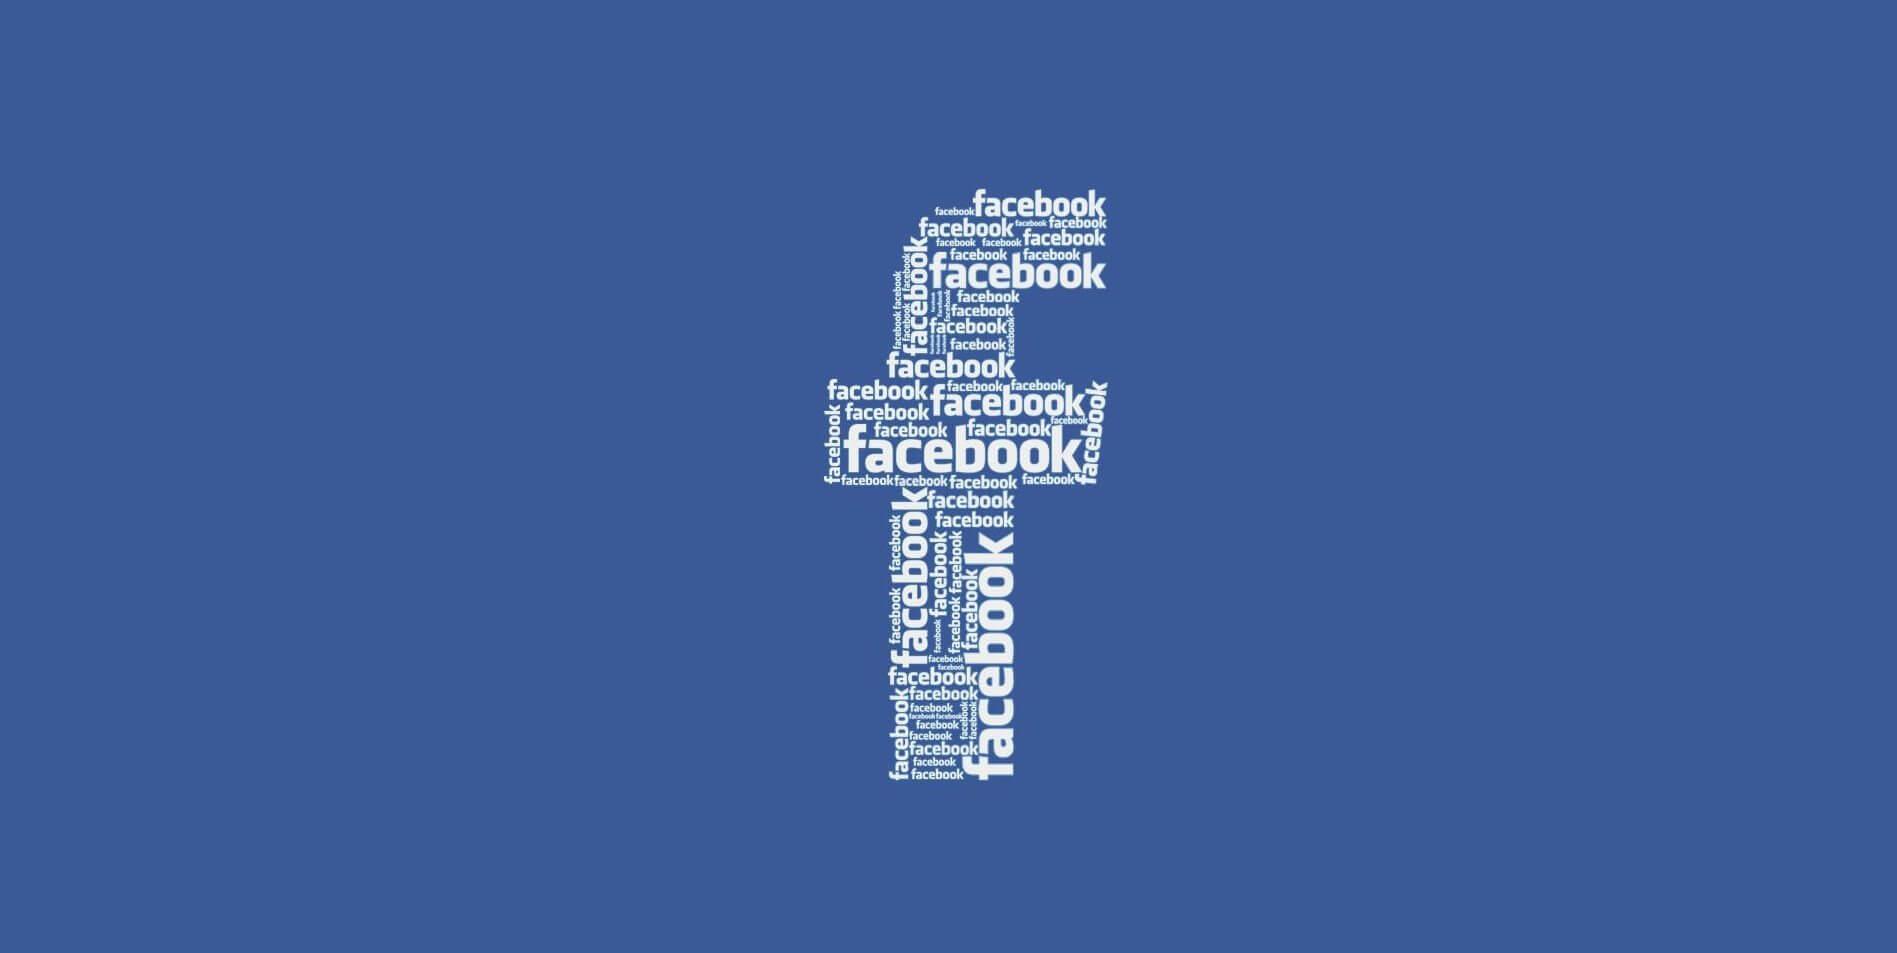 fanpage 1 - Como excluir os aplicativos e sites permitidos em sua conta do Facebook